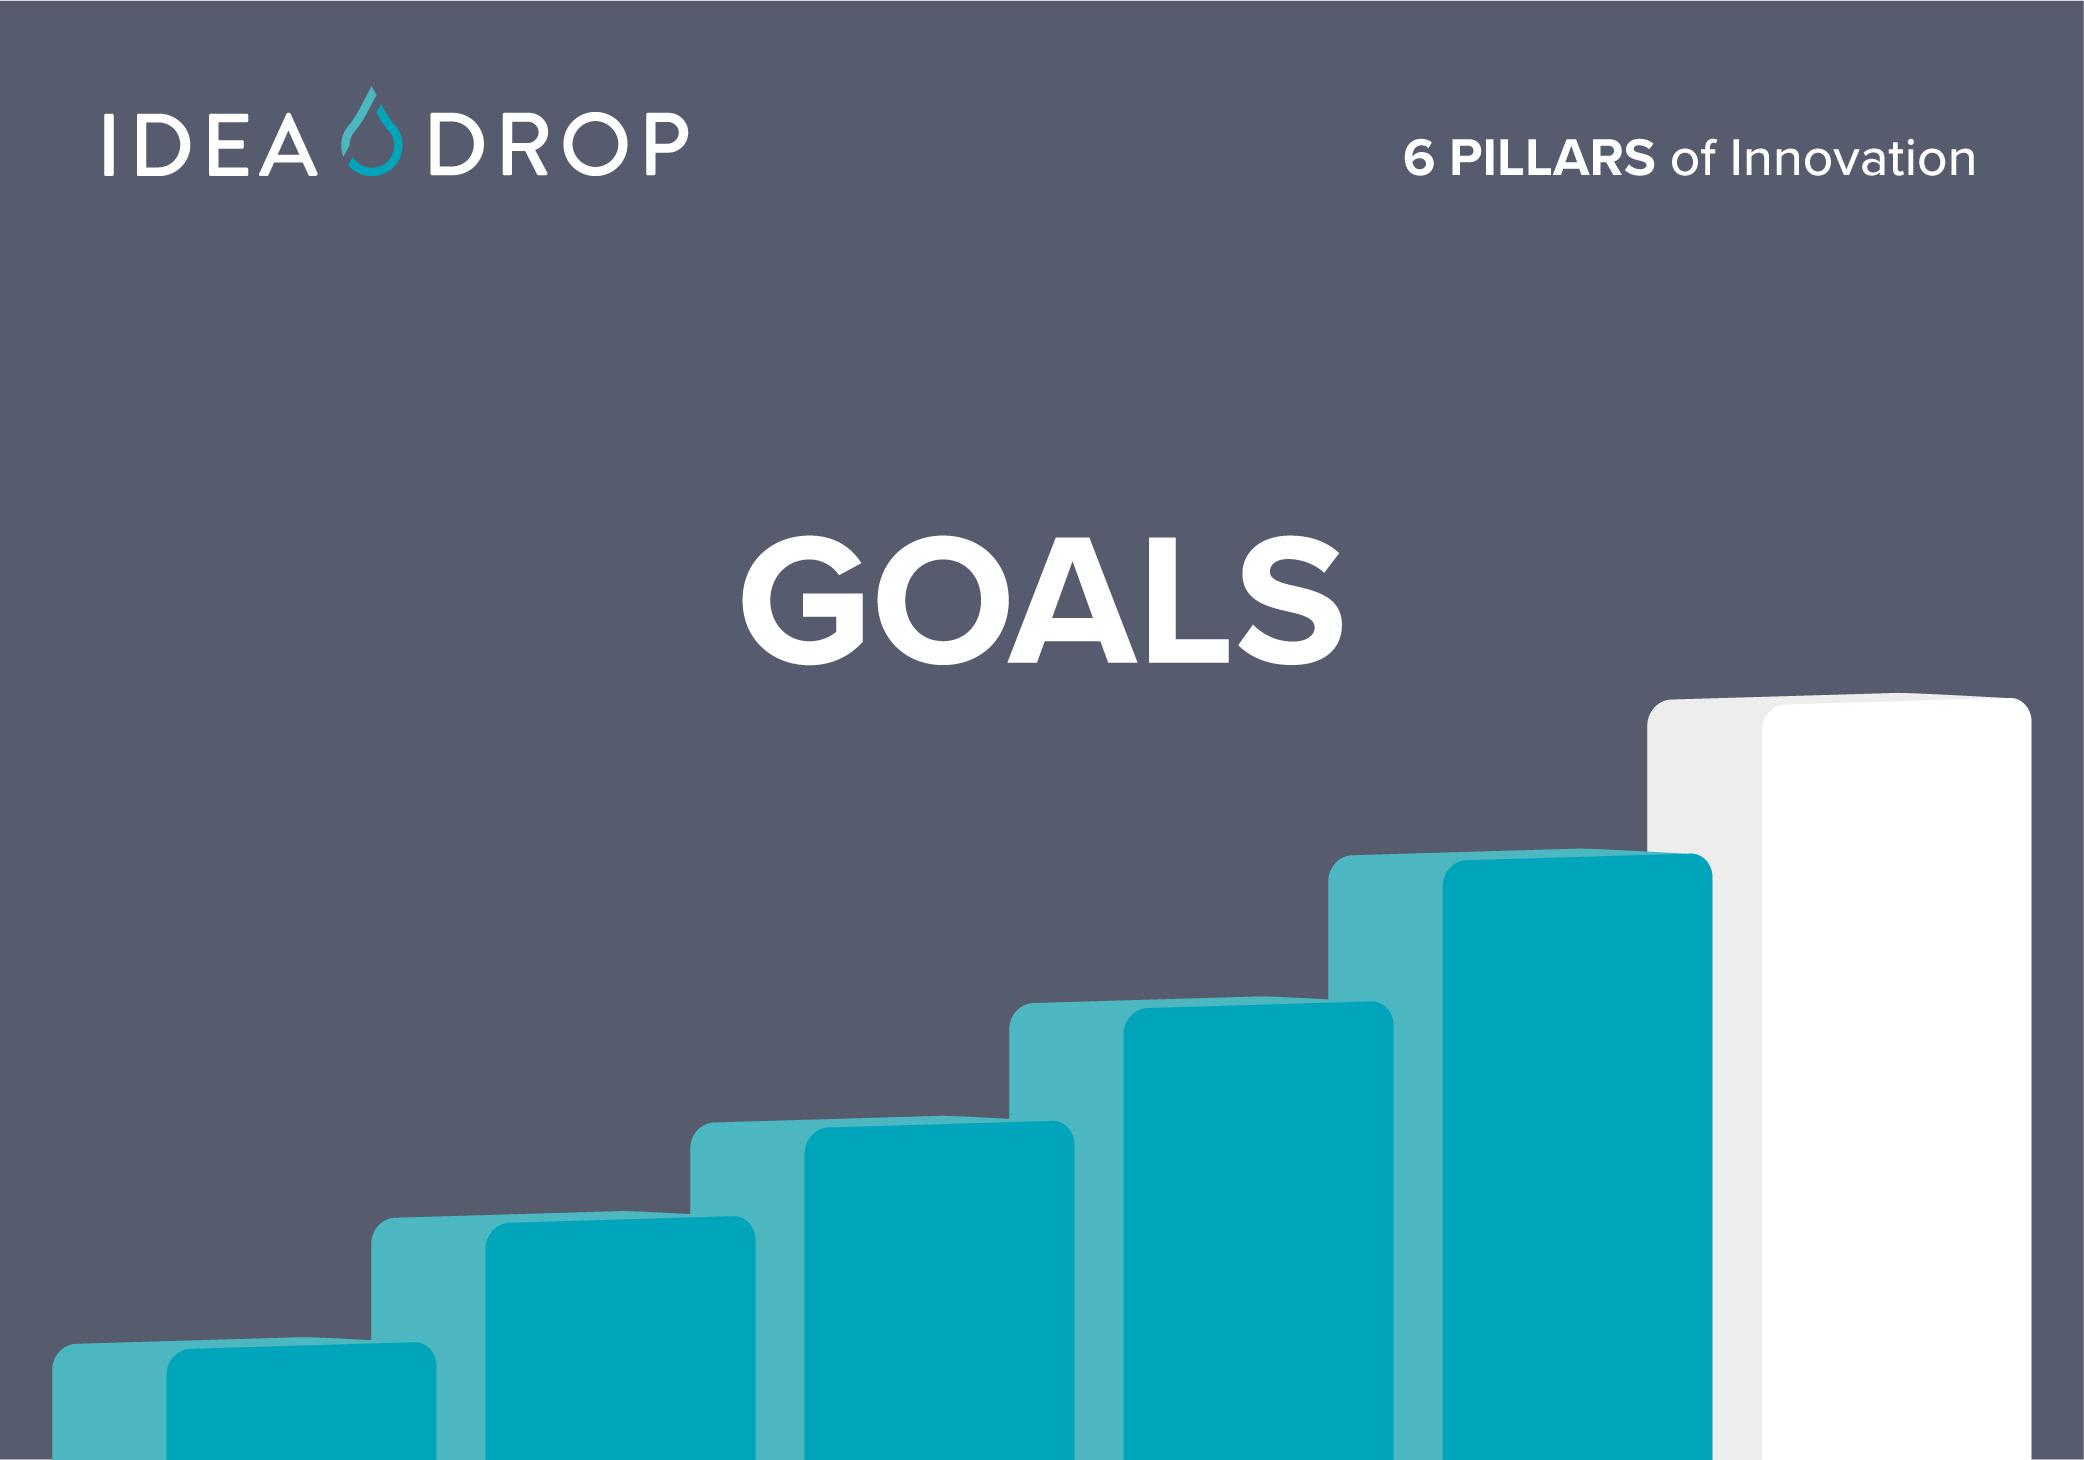 Pillars - Goals